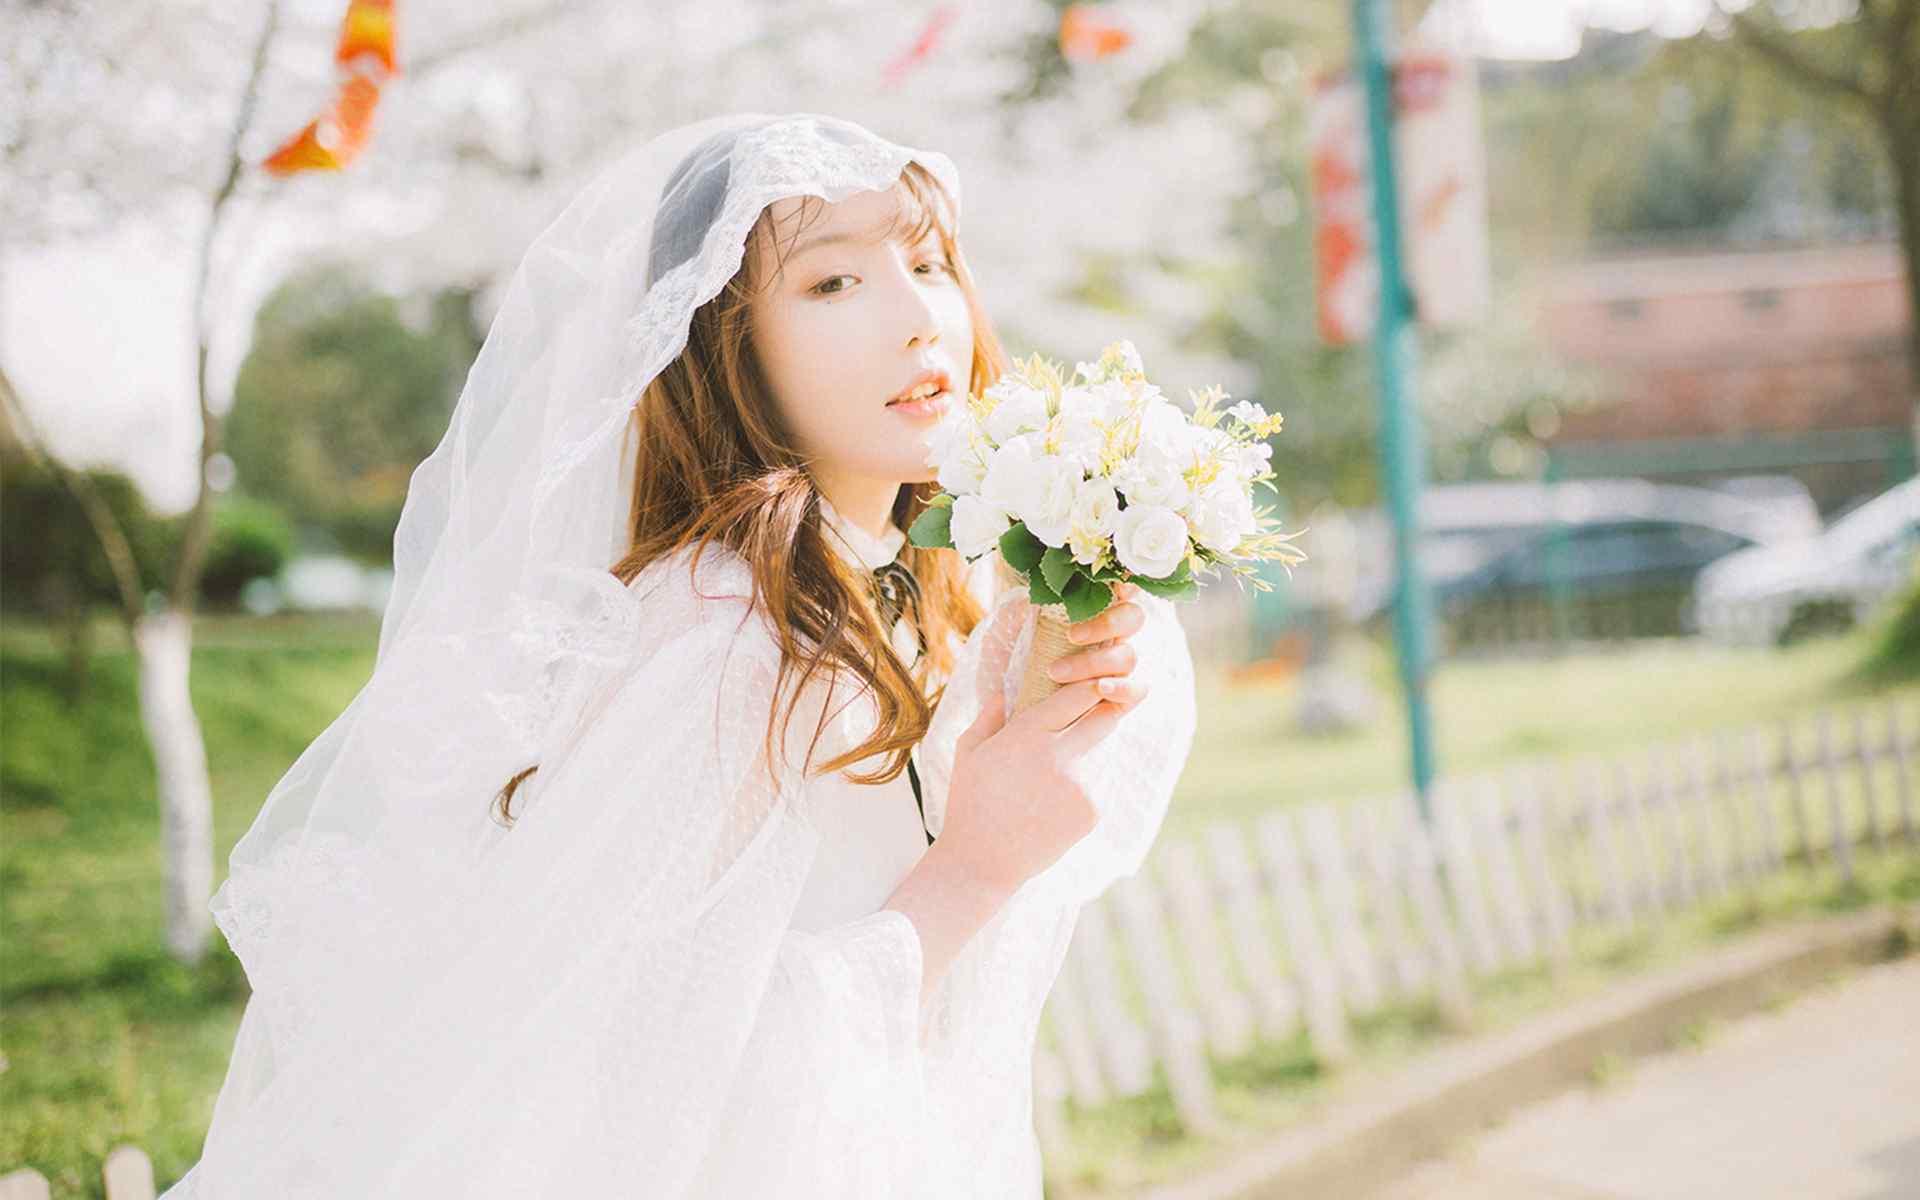 甜美婚纱制服诱人美女唯美高清写真